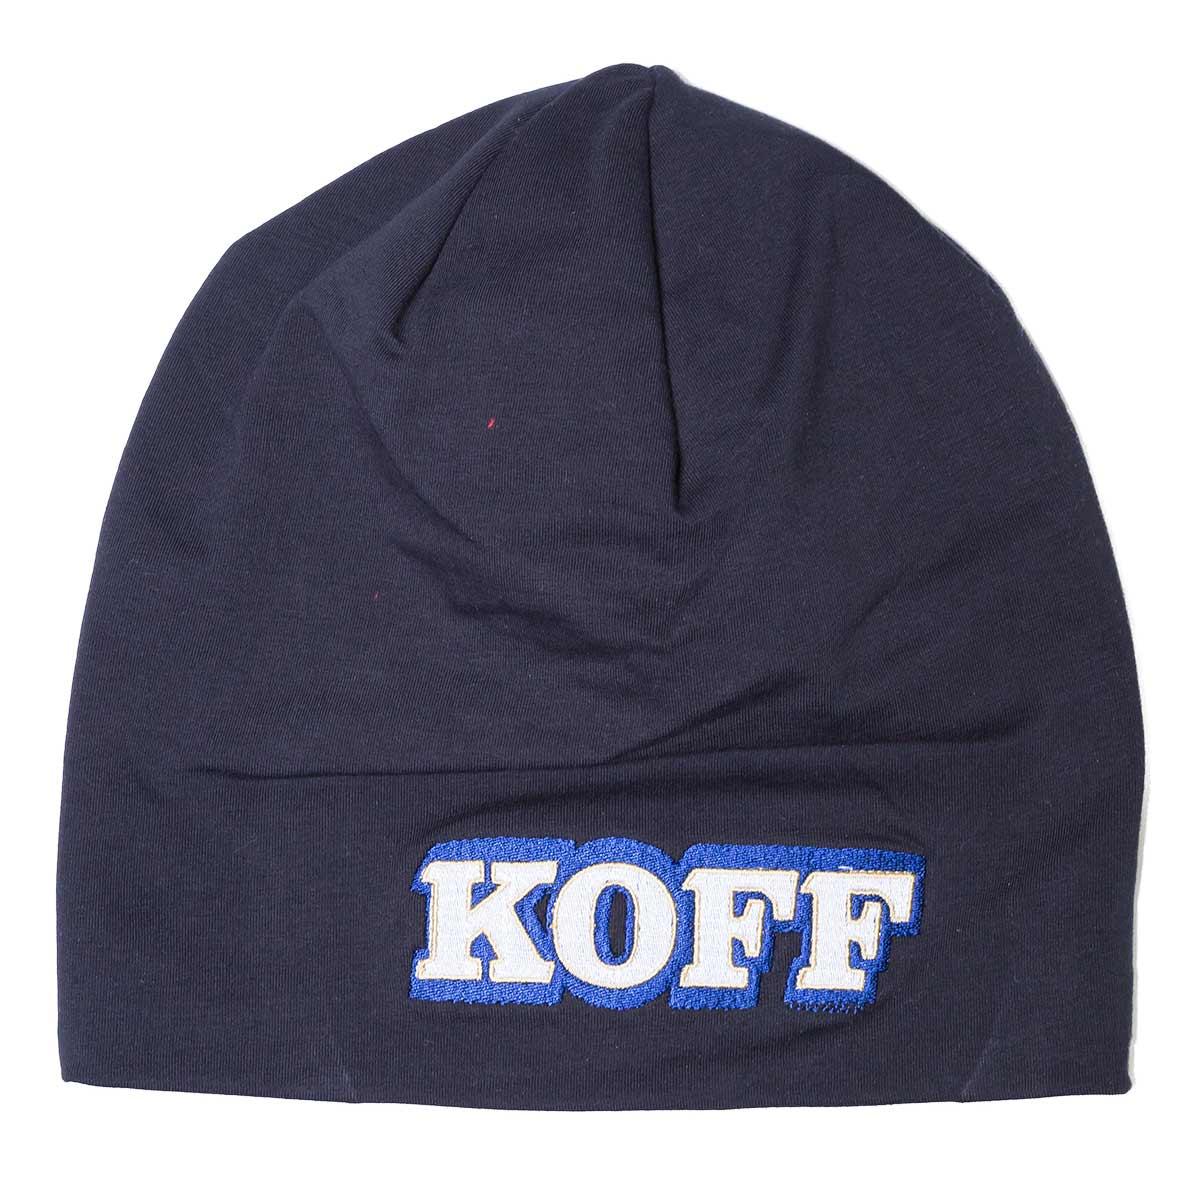 koff_pipo_1